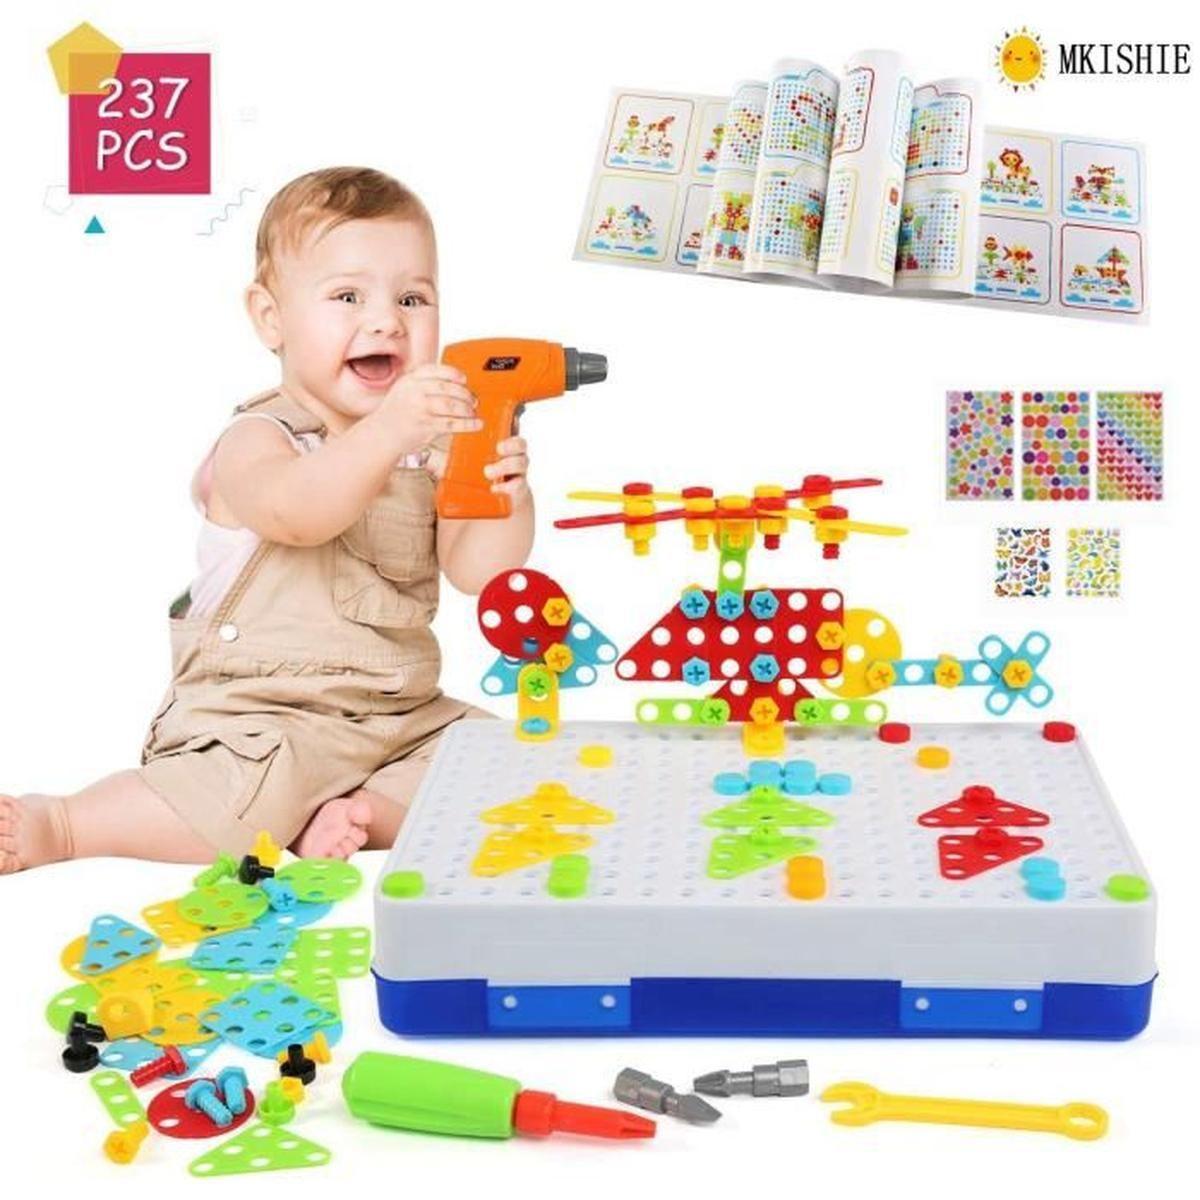 Jeu Mosaique Enfant, 3D Jeu De Construction, Perceuse intérieur Jeux Pour Enfant De 3 Ans